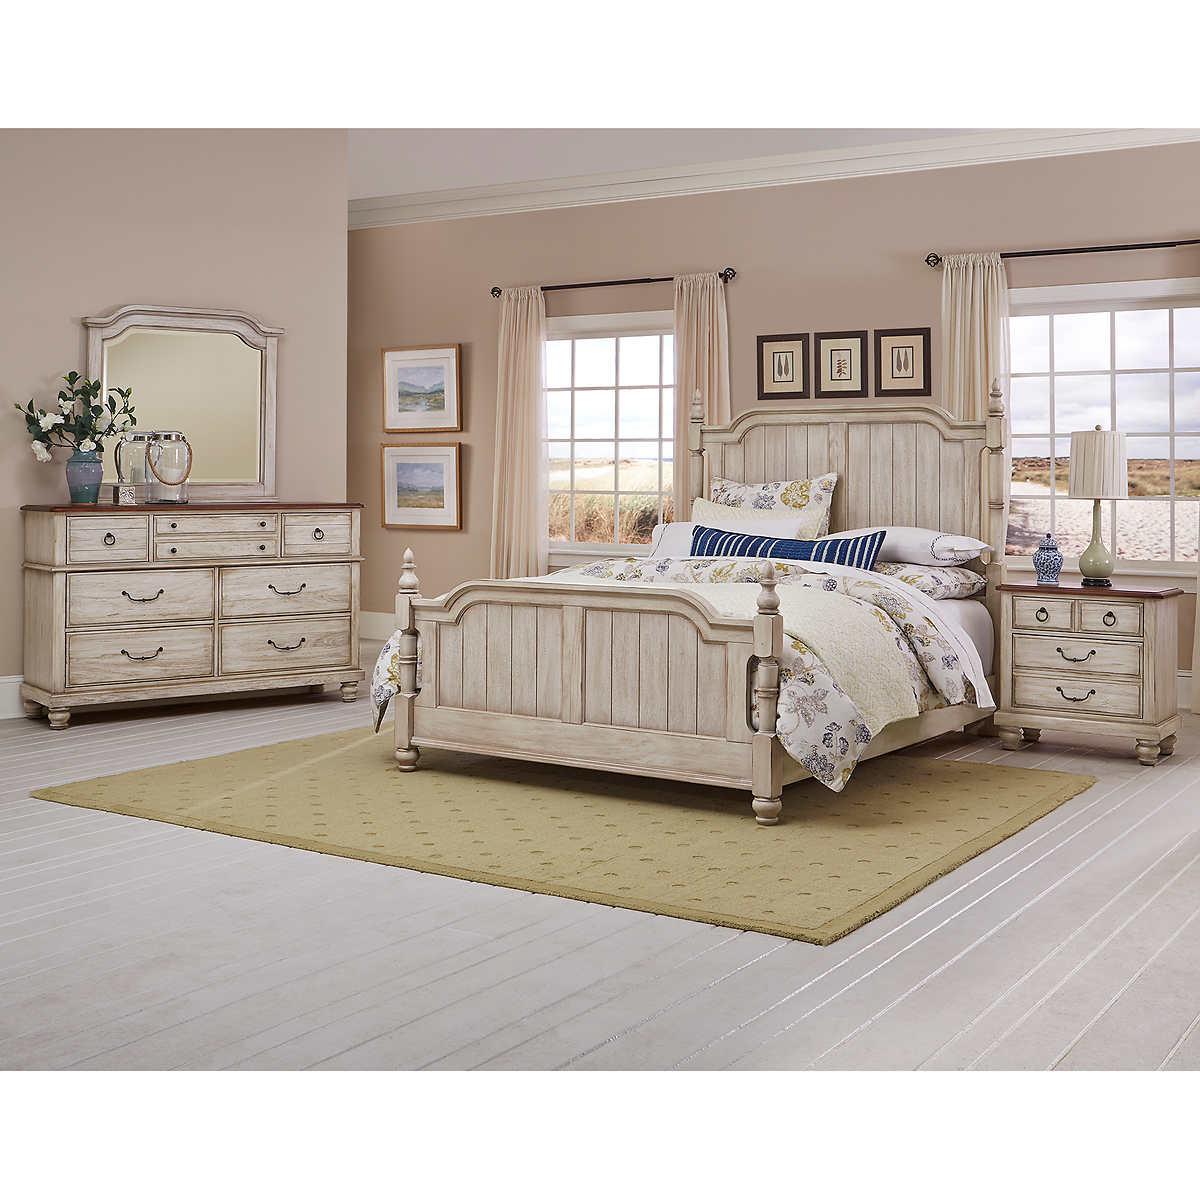 queen bedroom sets  costco - magnolia piece queen bedroom set